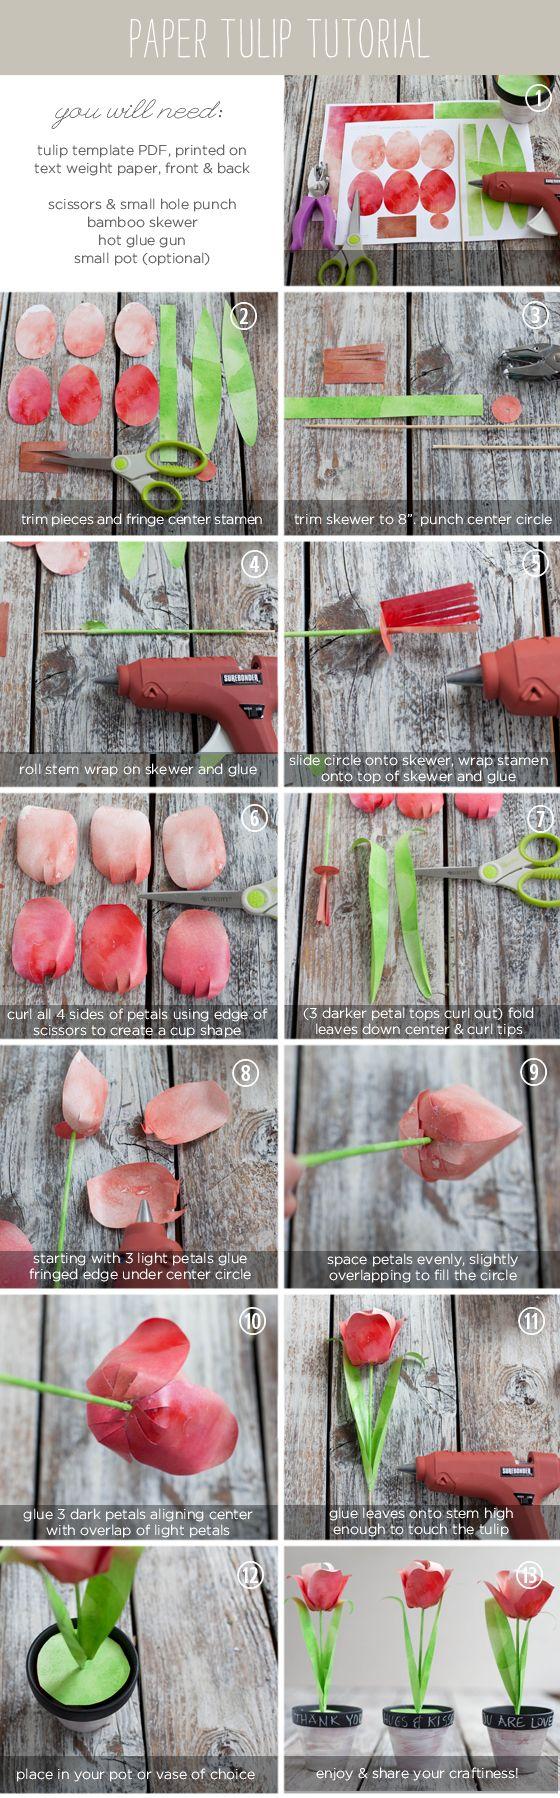 Paper Tulip Tutorial: